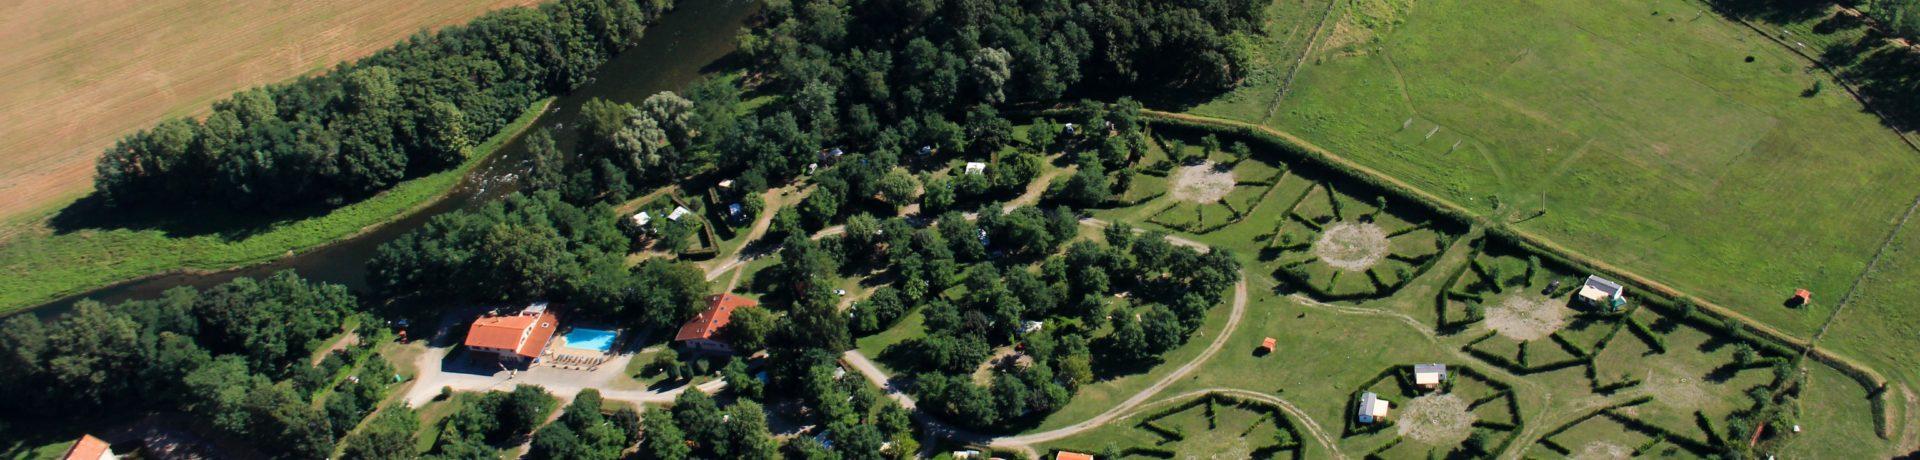 Flower Camping Les Mijeannes inRieux-de-Pelleport is een middelgrote camping met zwembad in de Ariège gelegen aan de gelijknamige rivier L'Ariège.